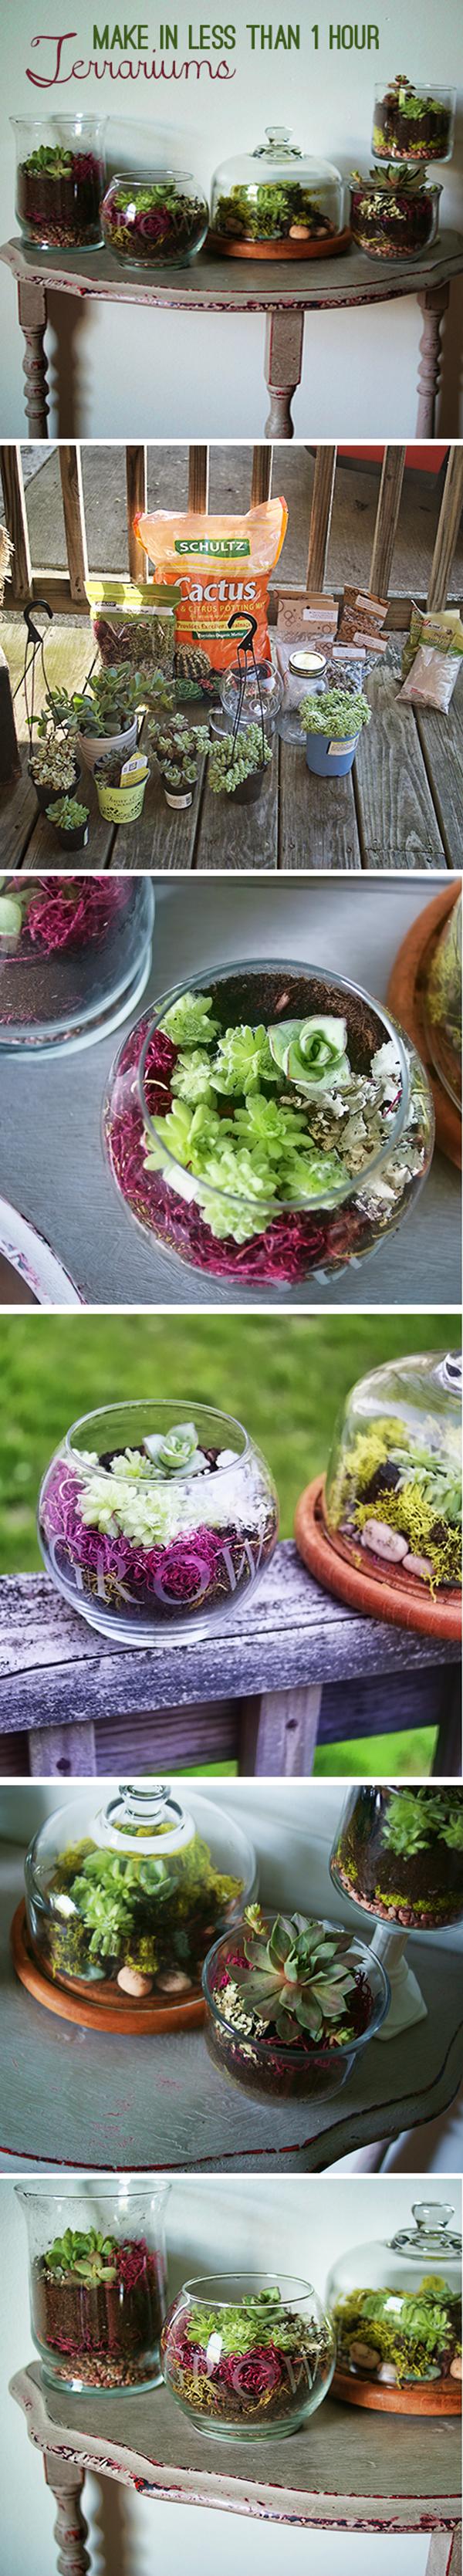 How to Make a terrarium, DIY